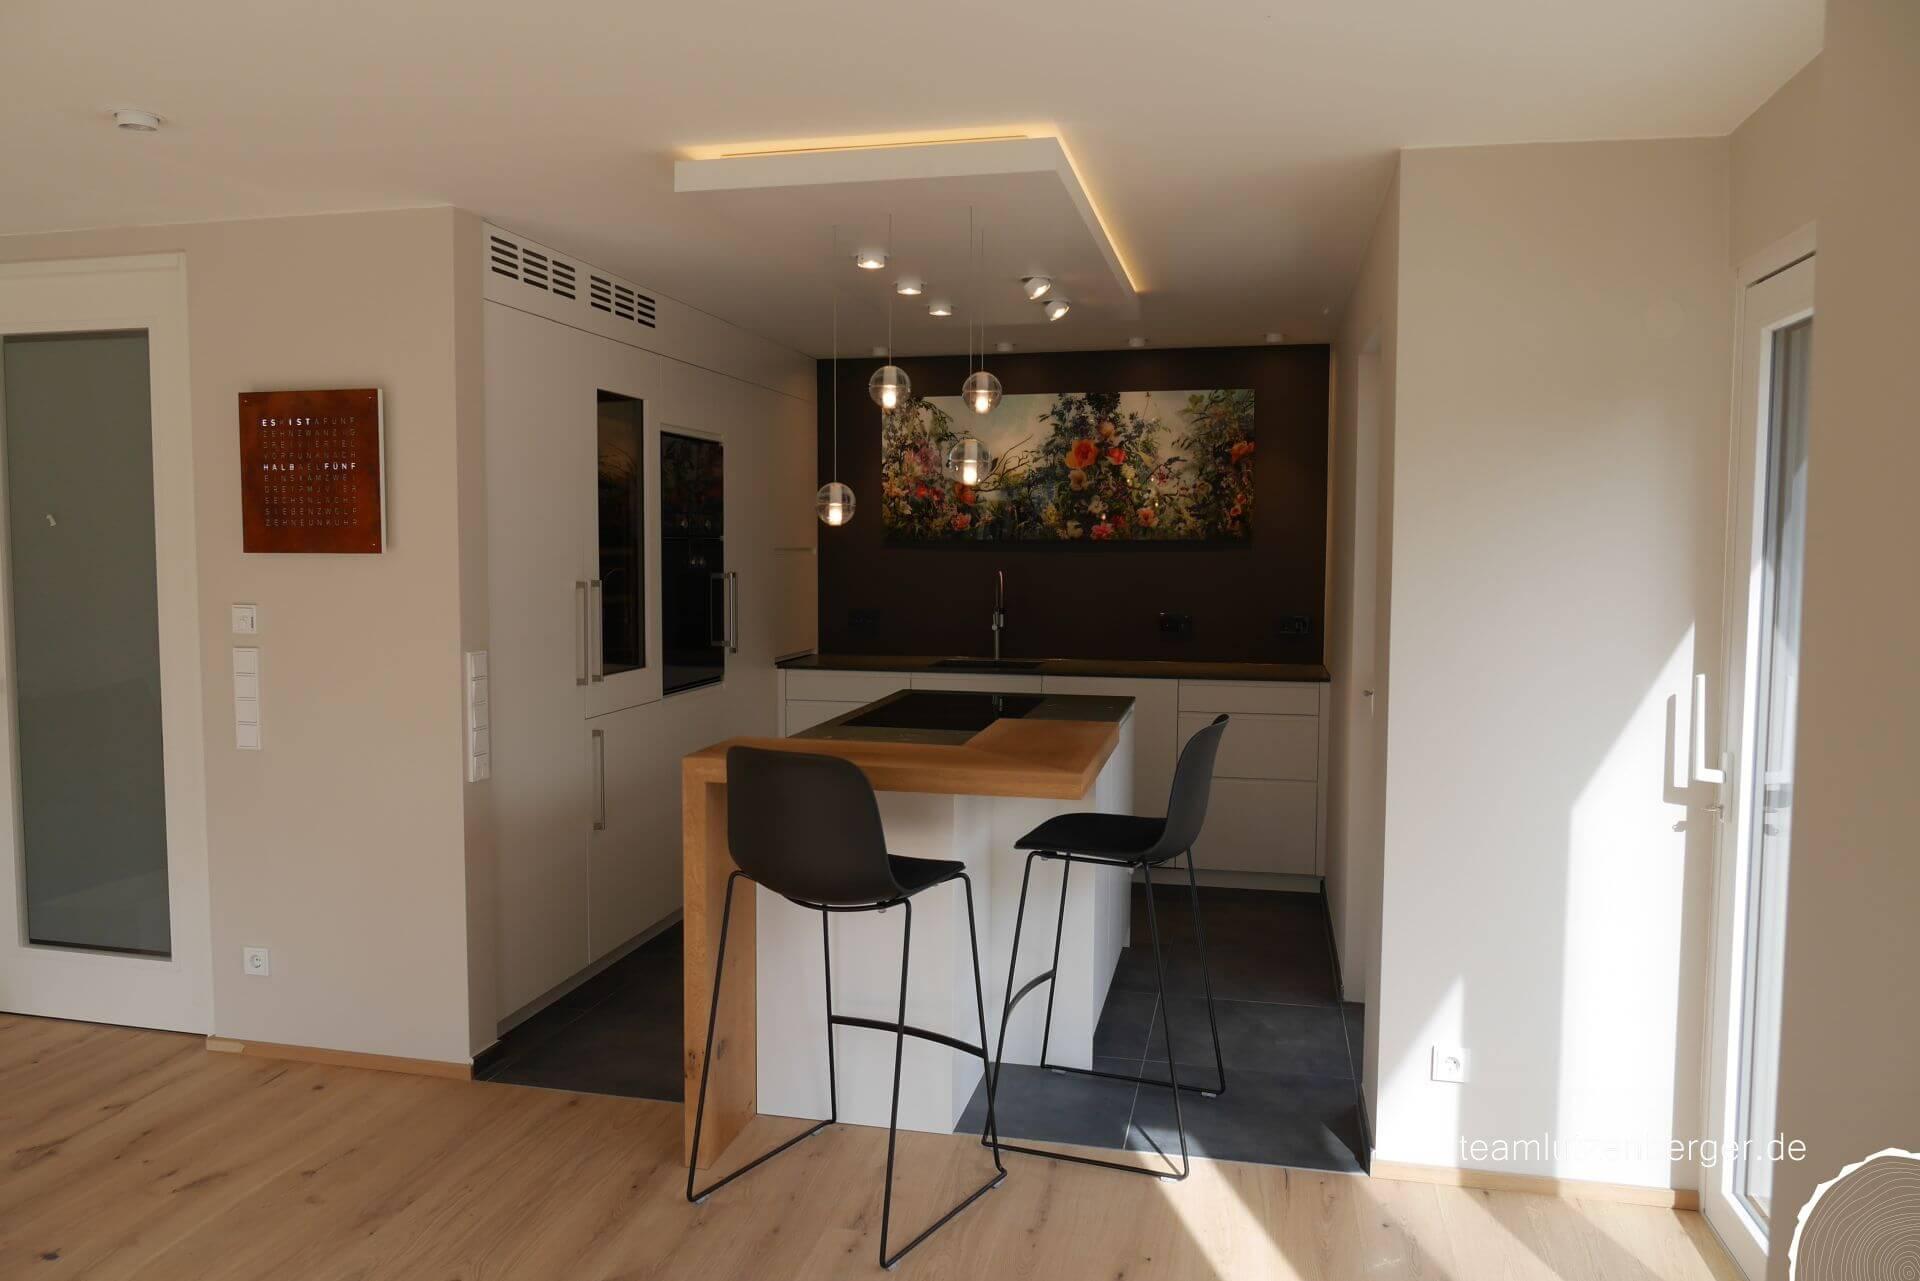 Küche Doppelhaushälfte Schwabing - Teamlutzenberger